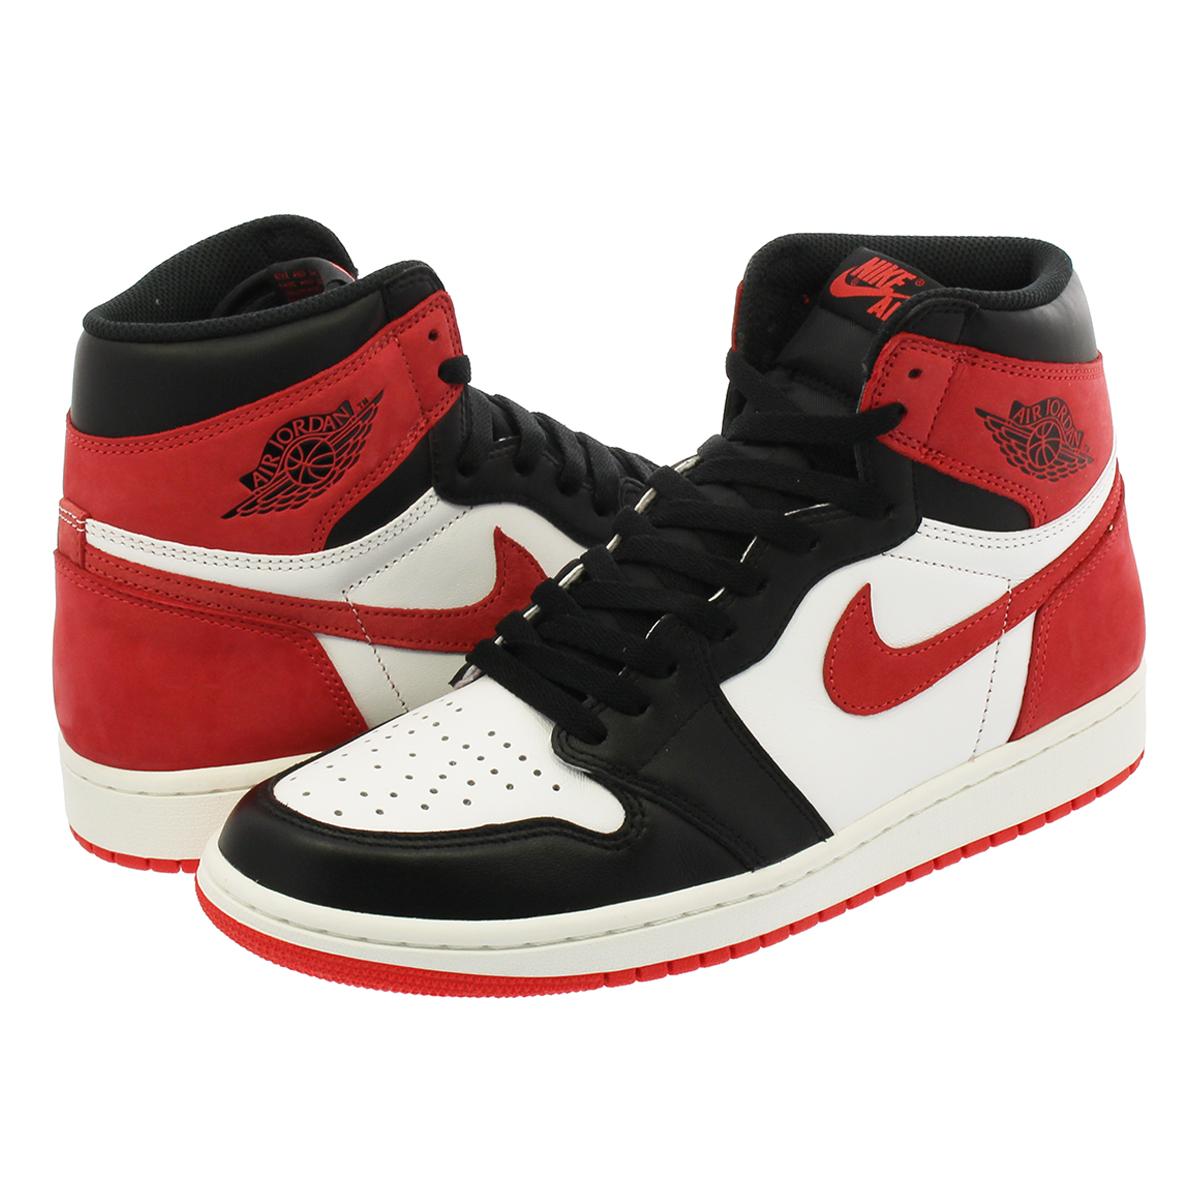 huge discount d5c0c f5124 NIKE AIR JORDAN 1 RETRO HIGH OG Nike Air Jordan 1 nostalgic high OG  WHITE/BLACK/RED